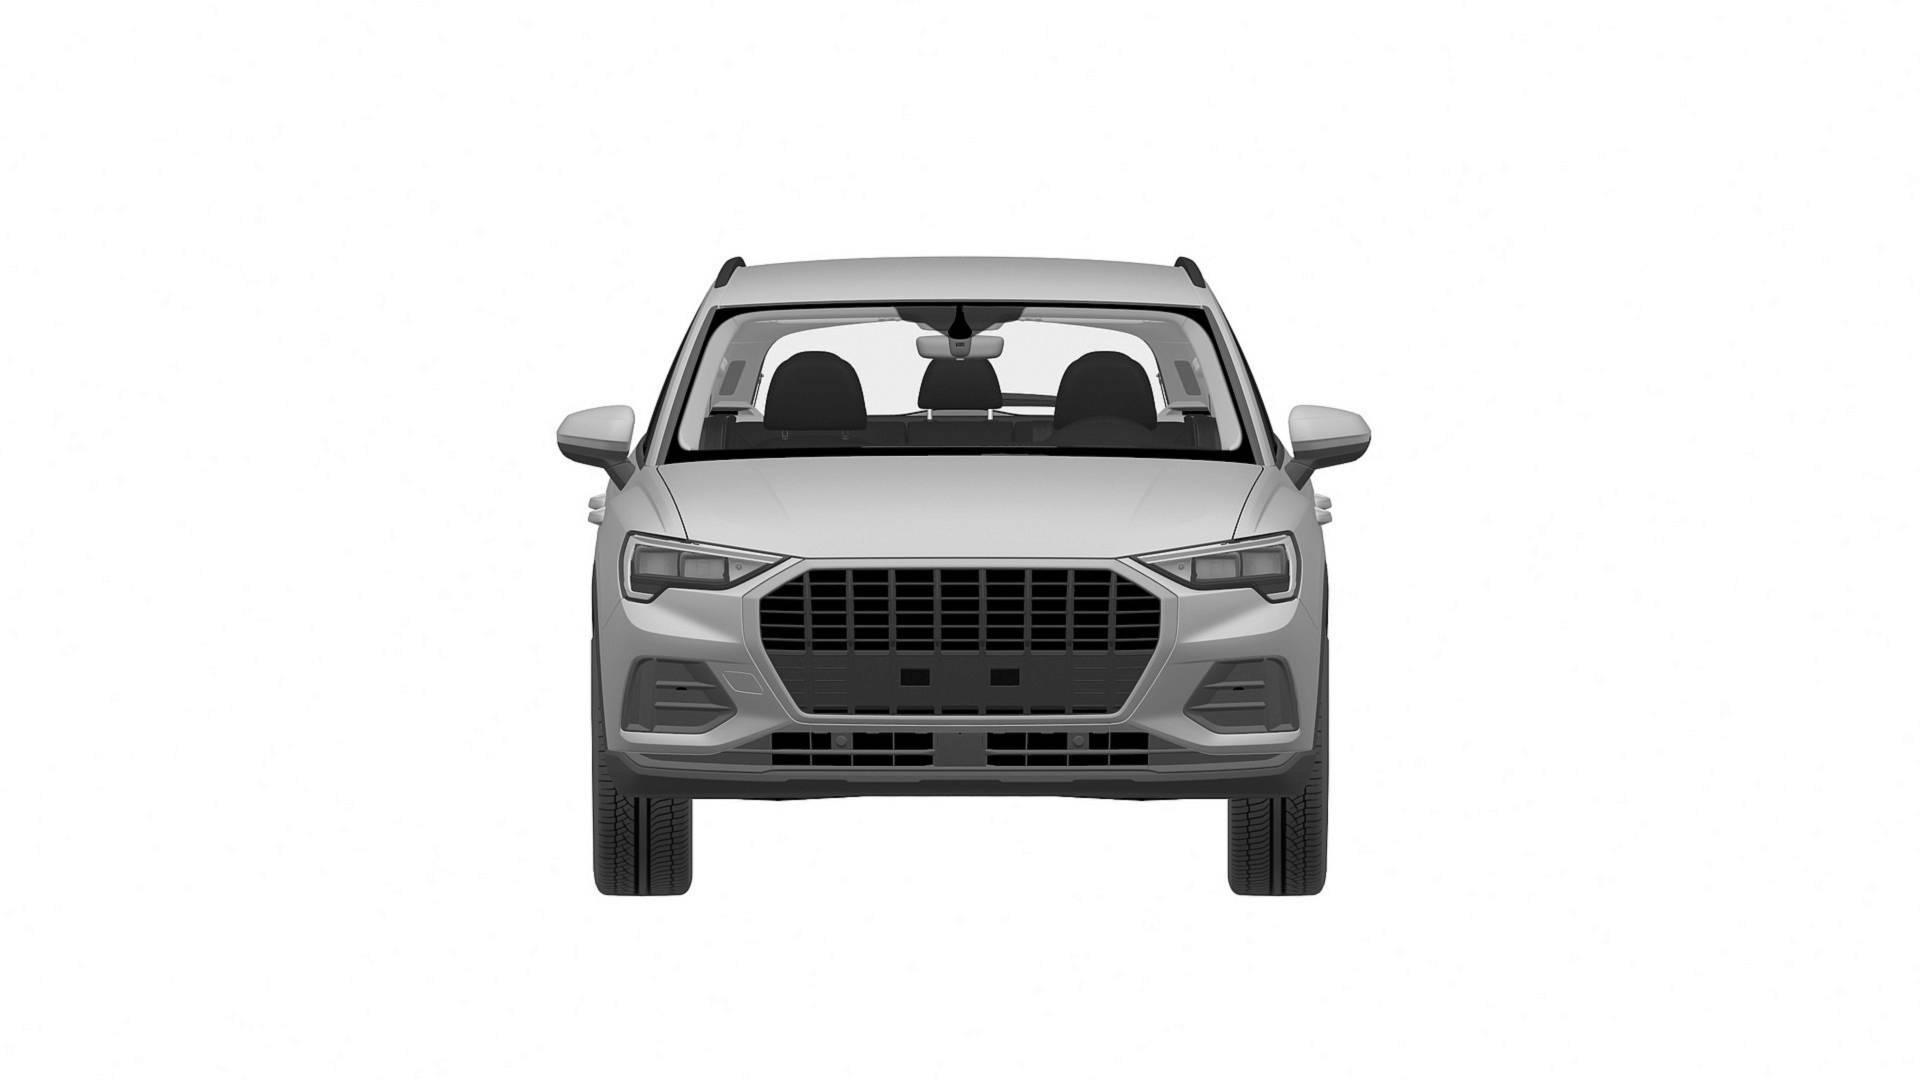 Audi SQ3 patent images 1